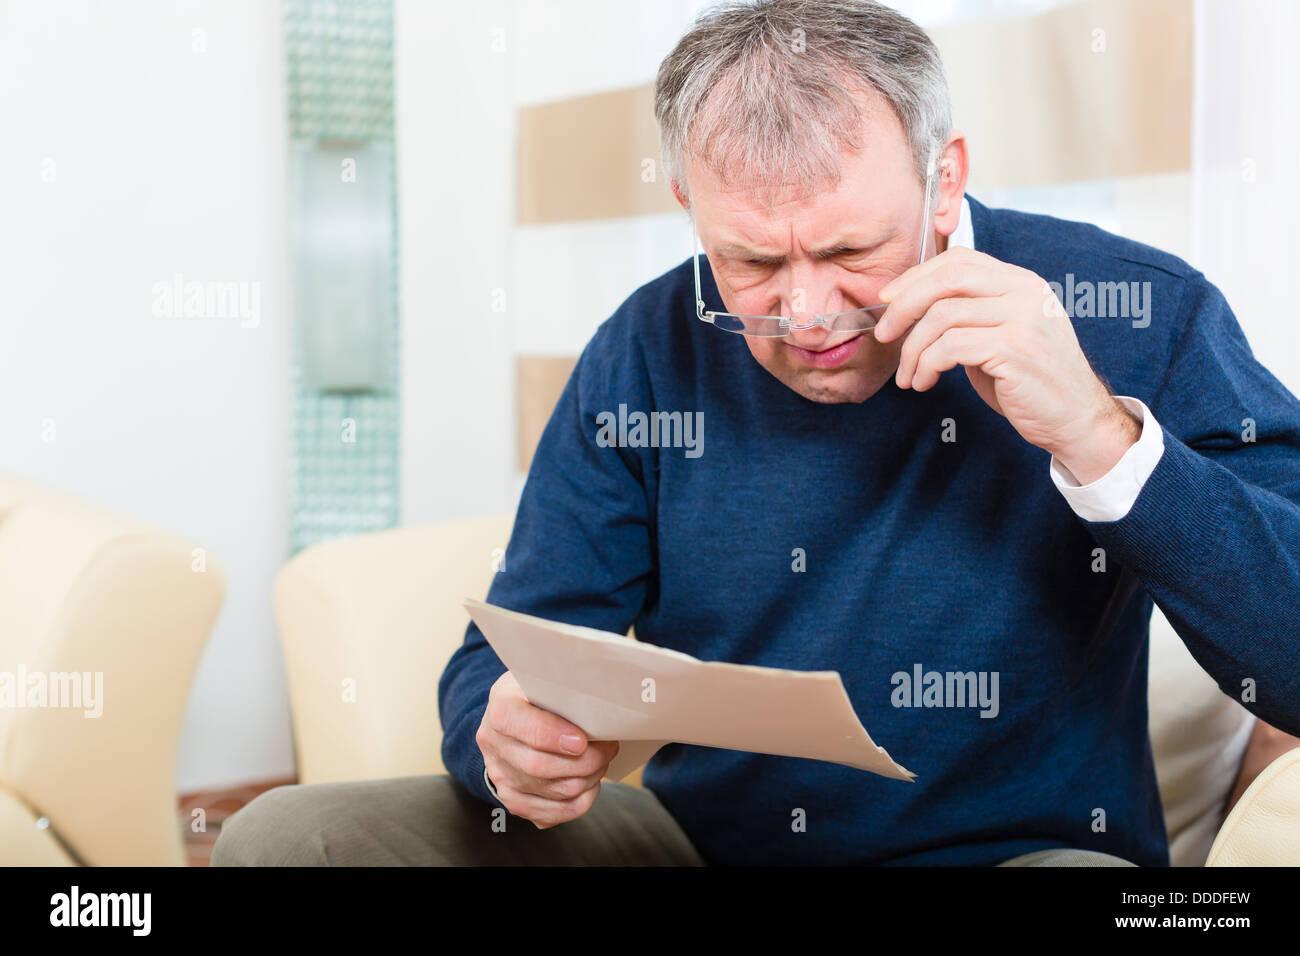 Homme plus âgé ou Senior ont reçu une lettre, peut-être que c'est un rappel ou un projet Photo Stock